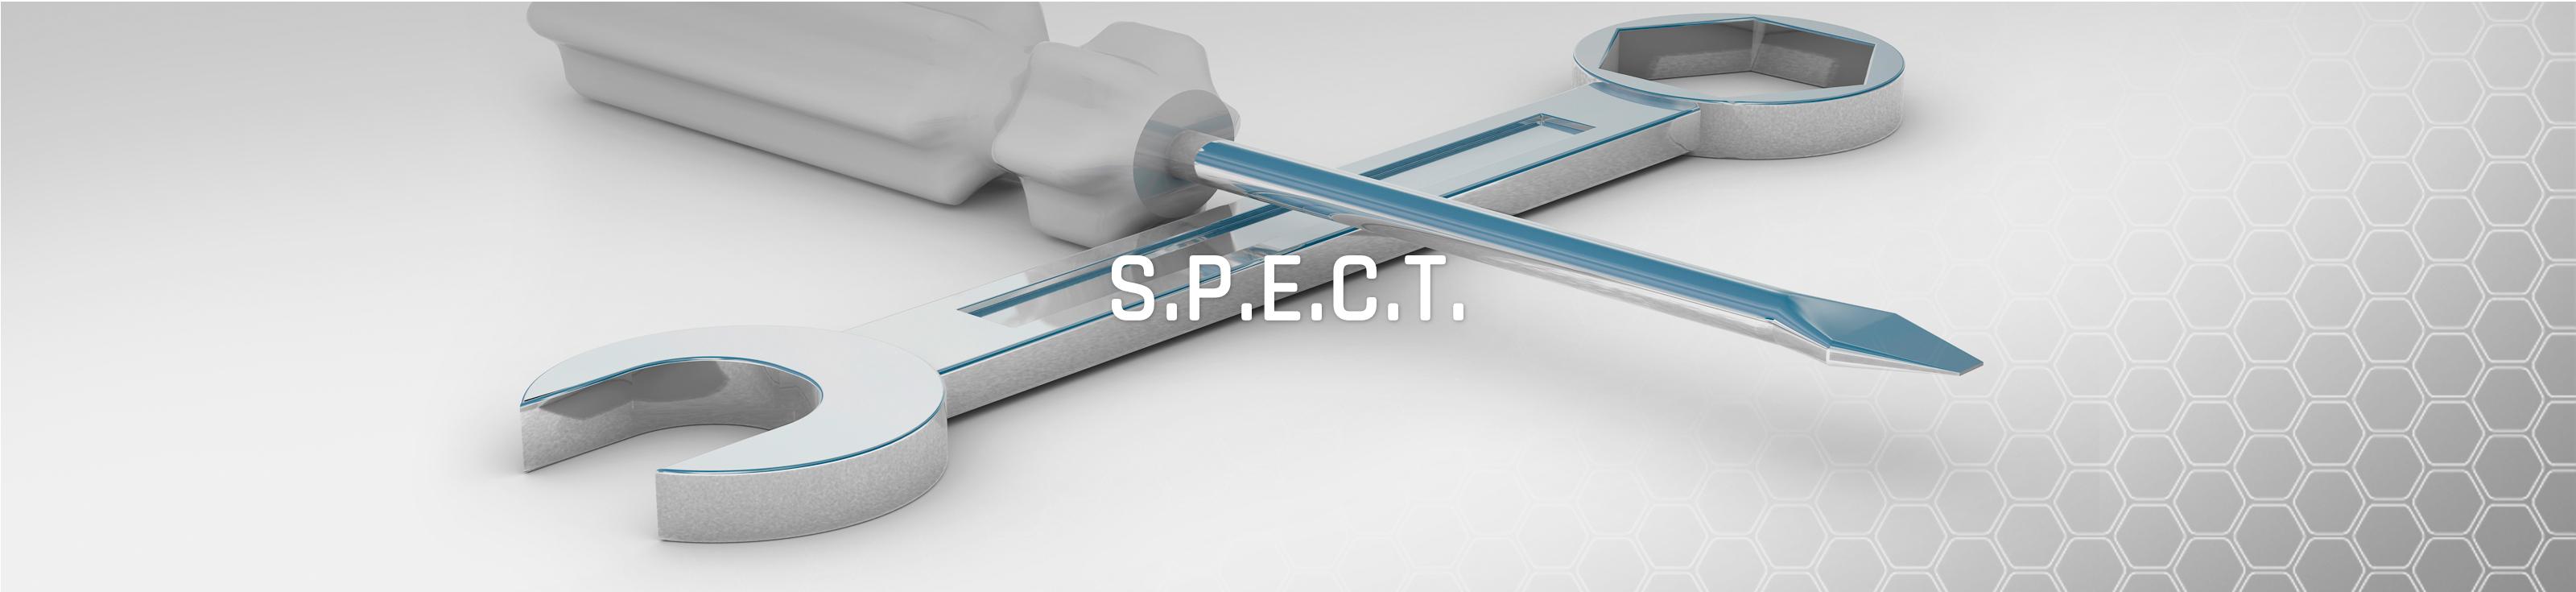 Slider_spect1_ps